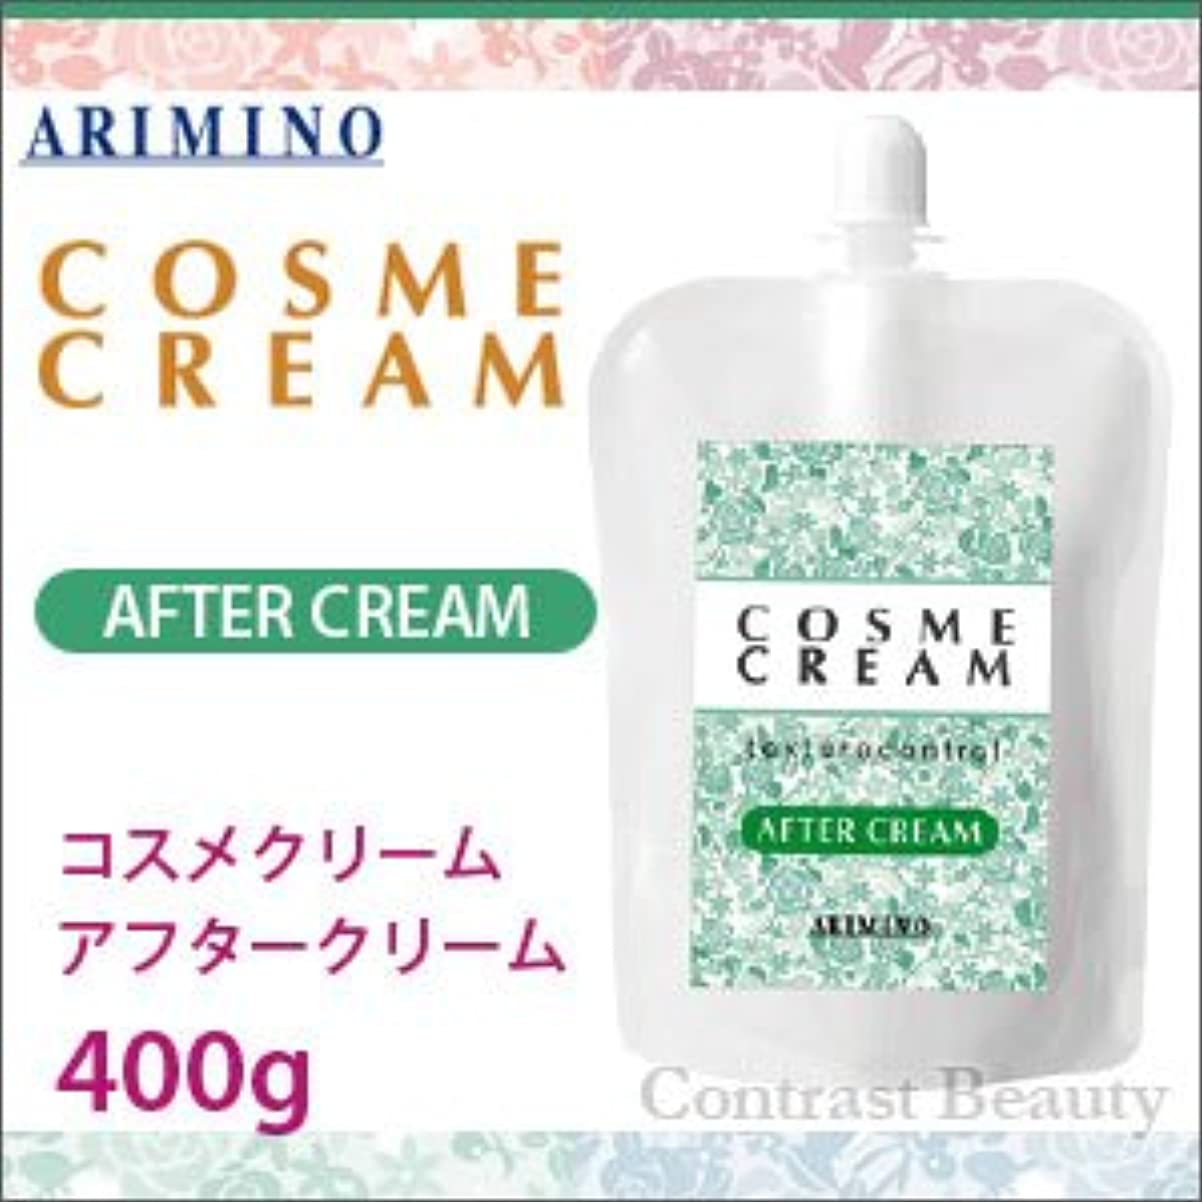 午後算術備品【X5個セット】 アリミノ コスメクリーム アフタークリーム 400g